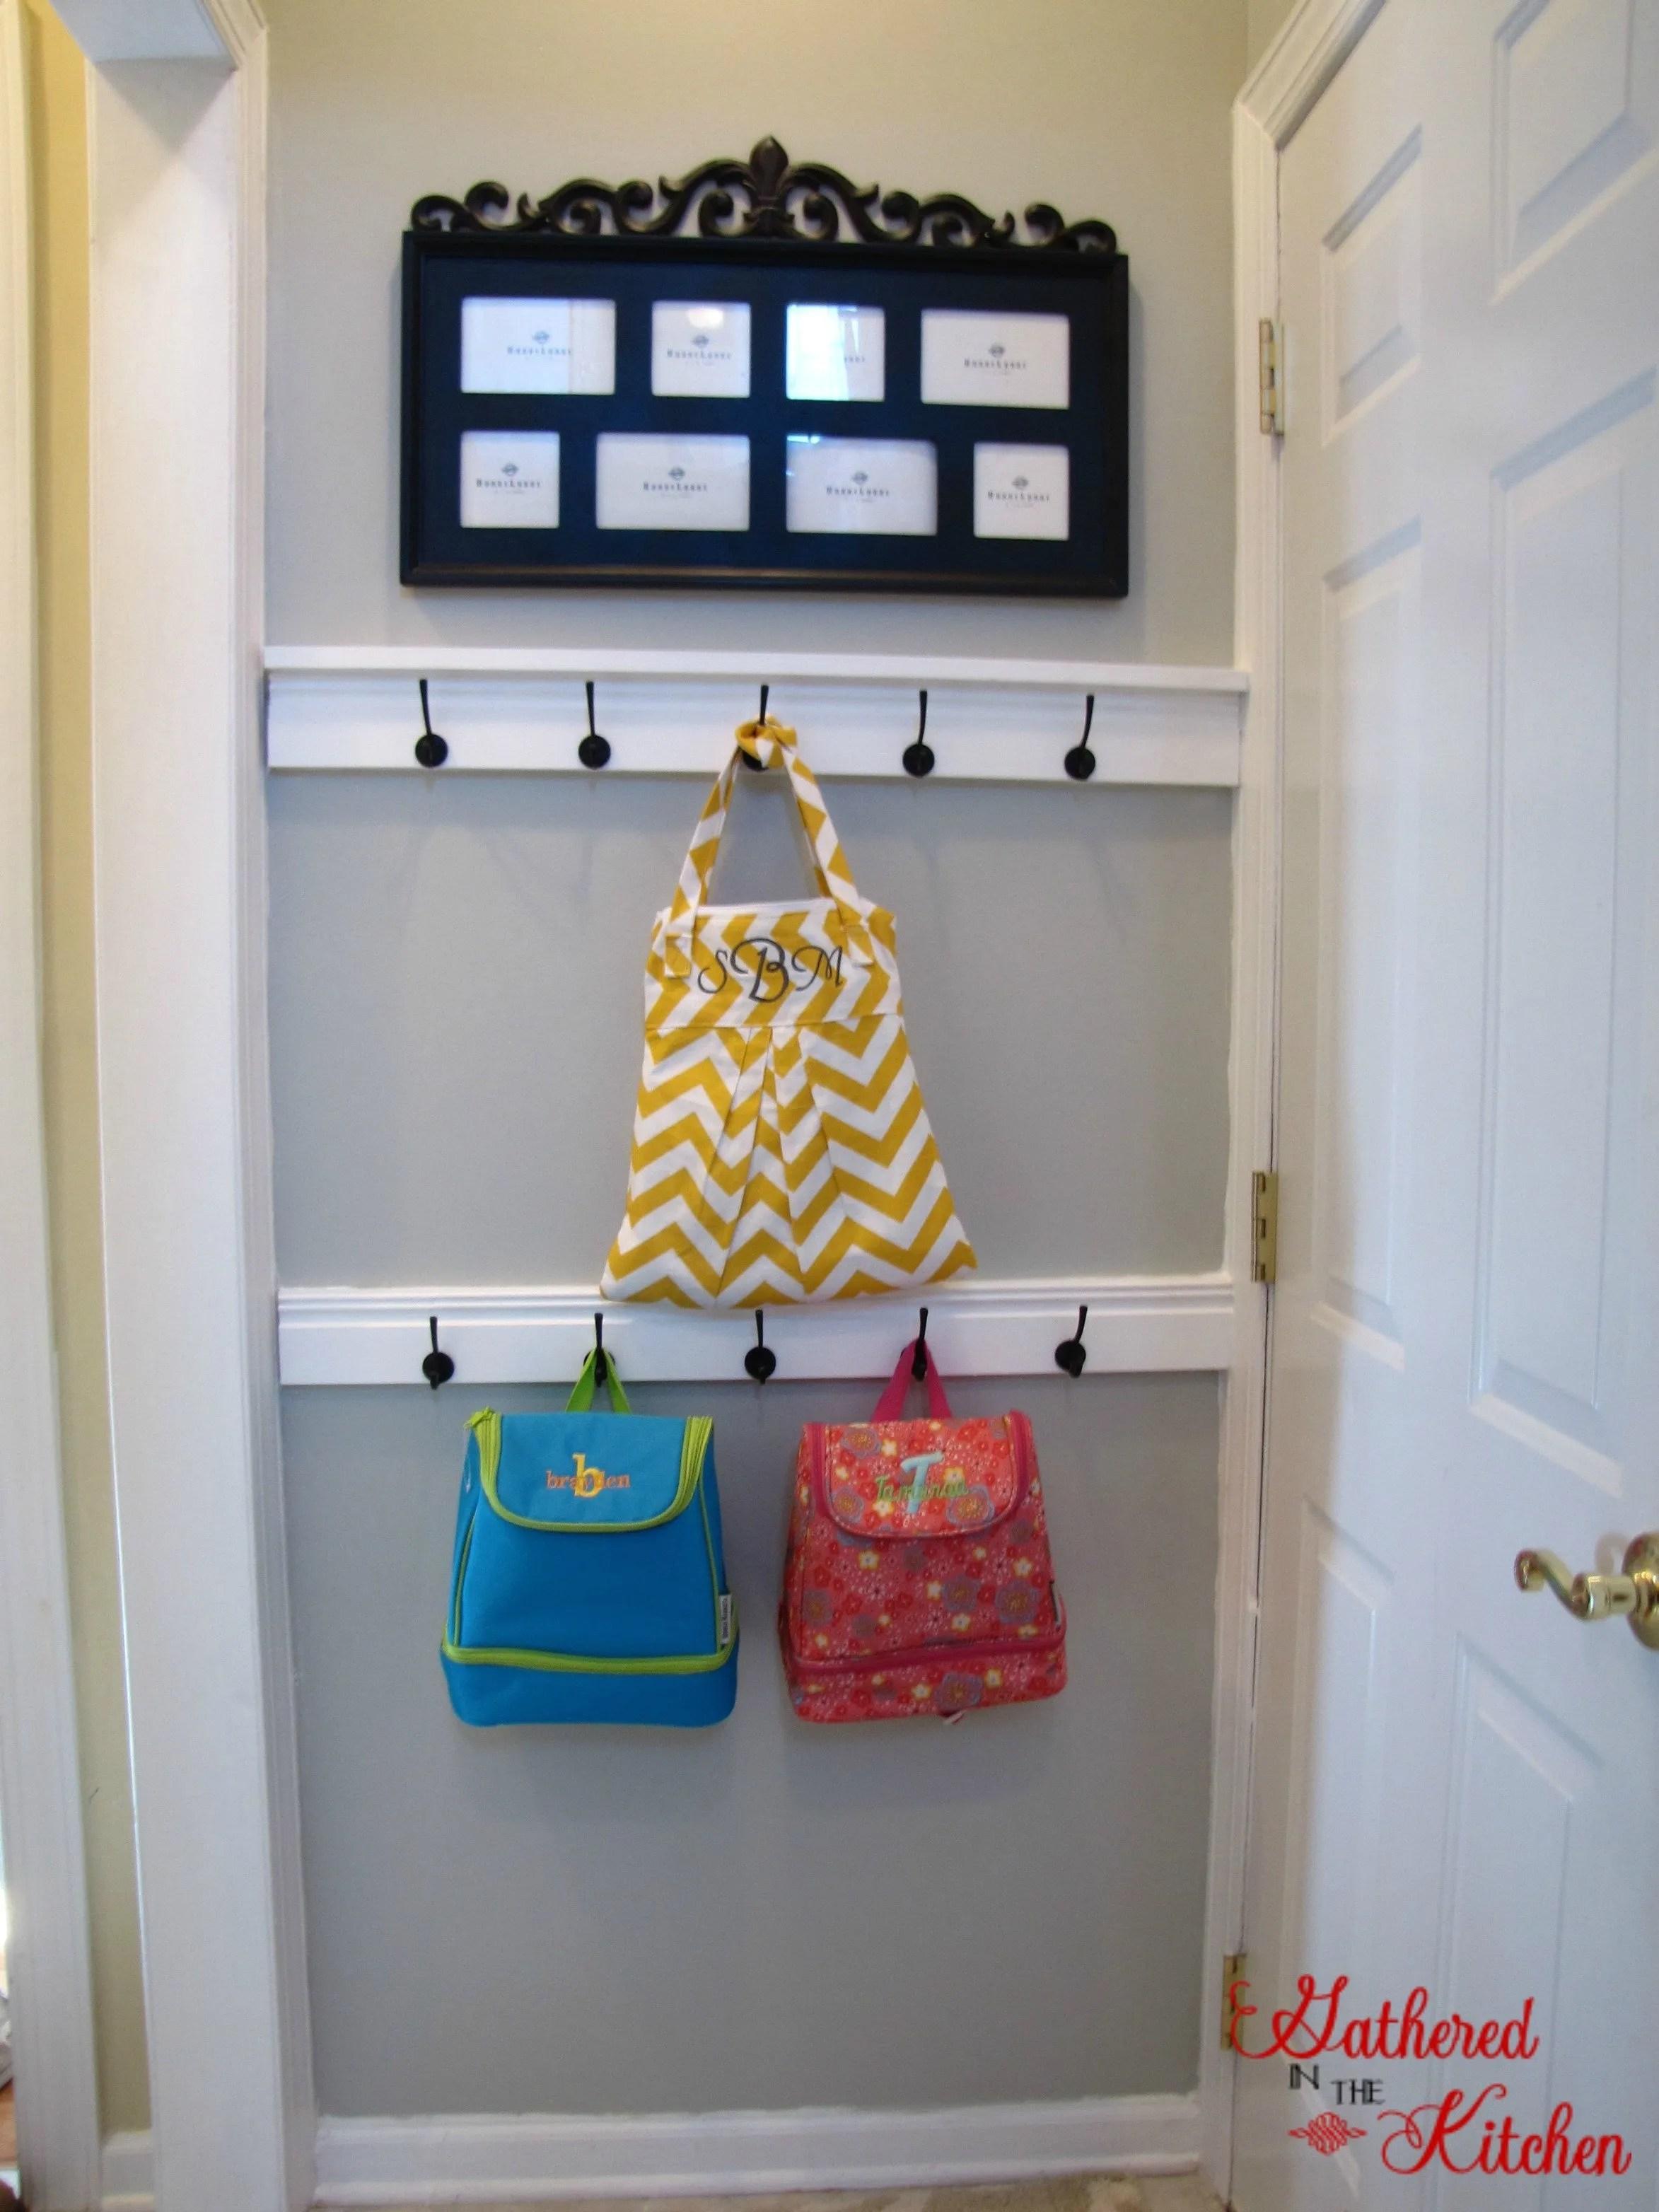 DIY Entry Door Coat Hook Tutorial: Gathered In The Kitchen